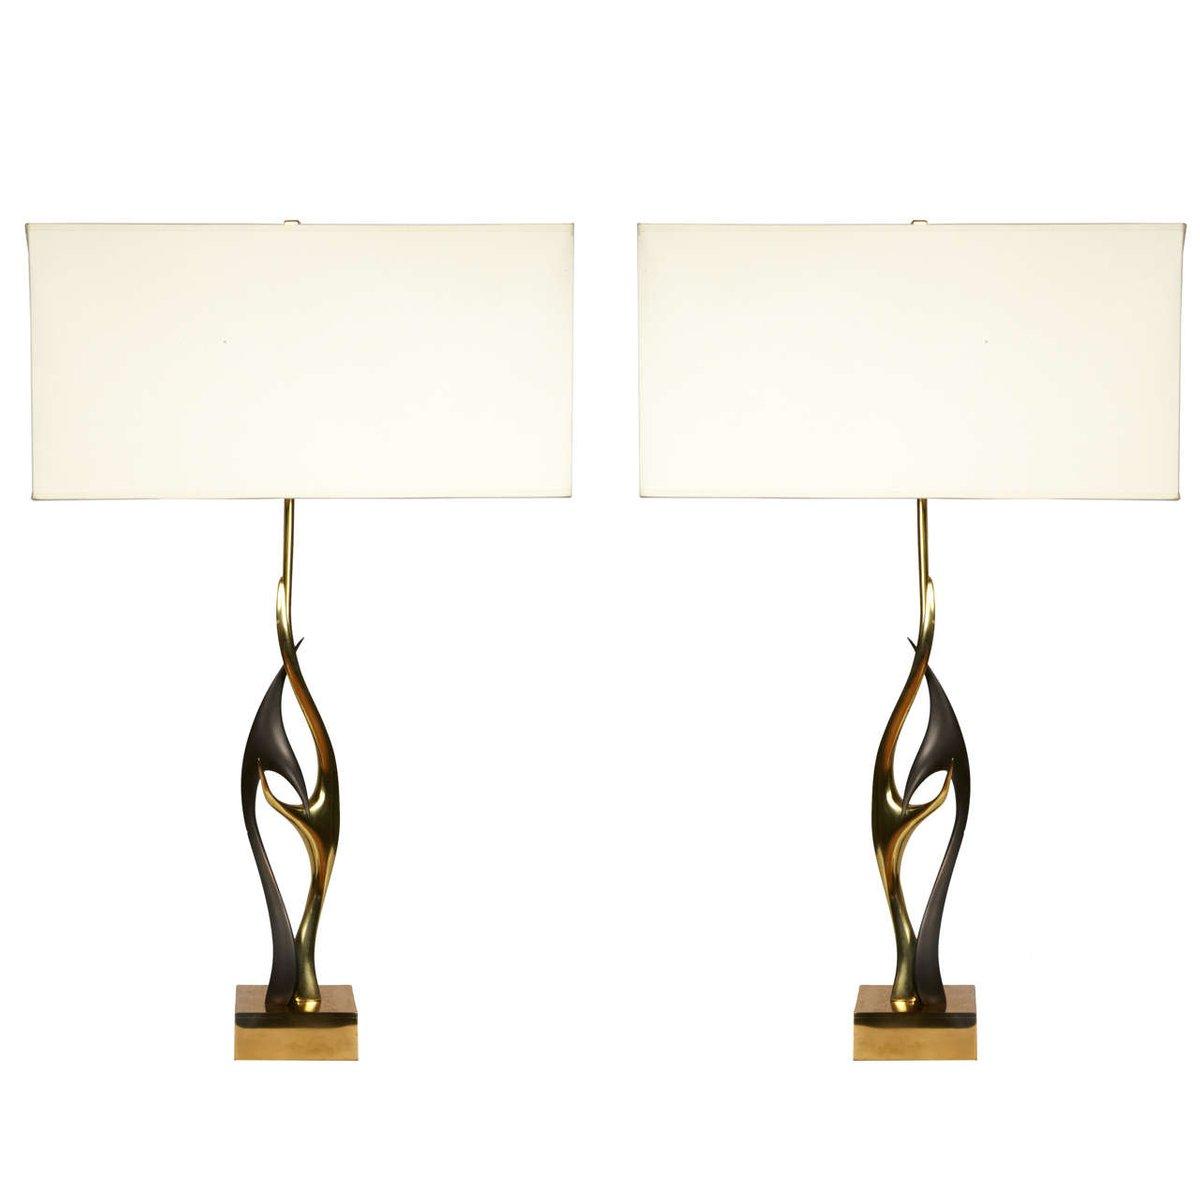 Vintage Bronze Tischlampen Gestelle von Willy Daro, 2er Set